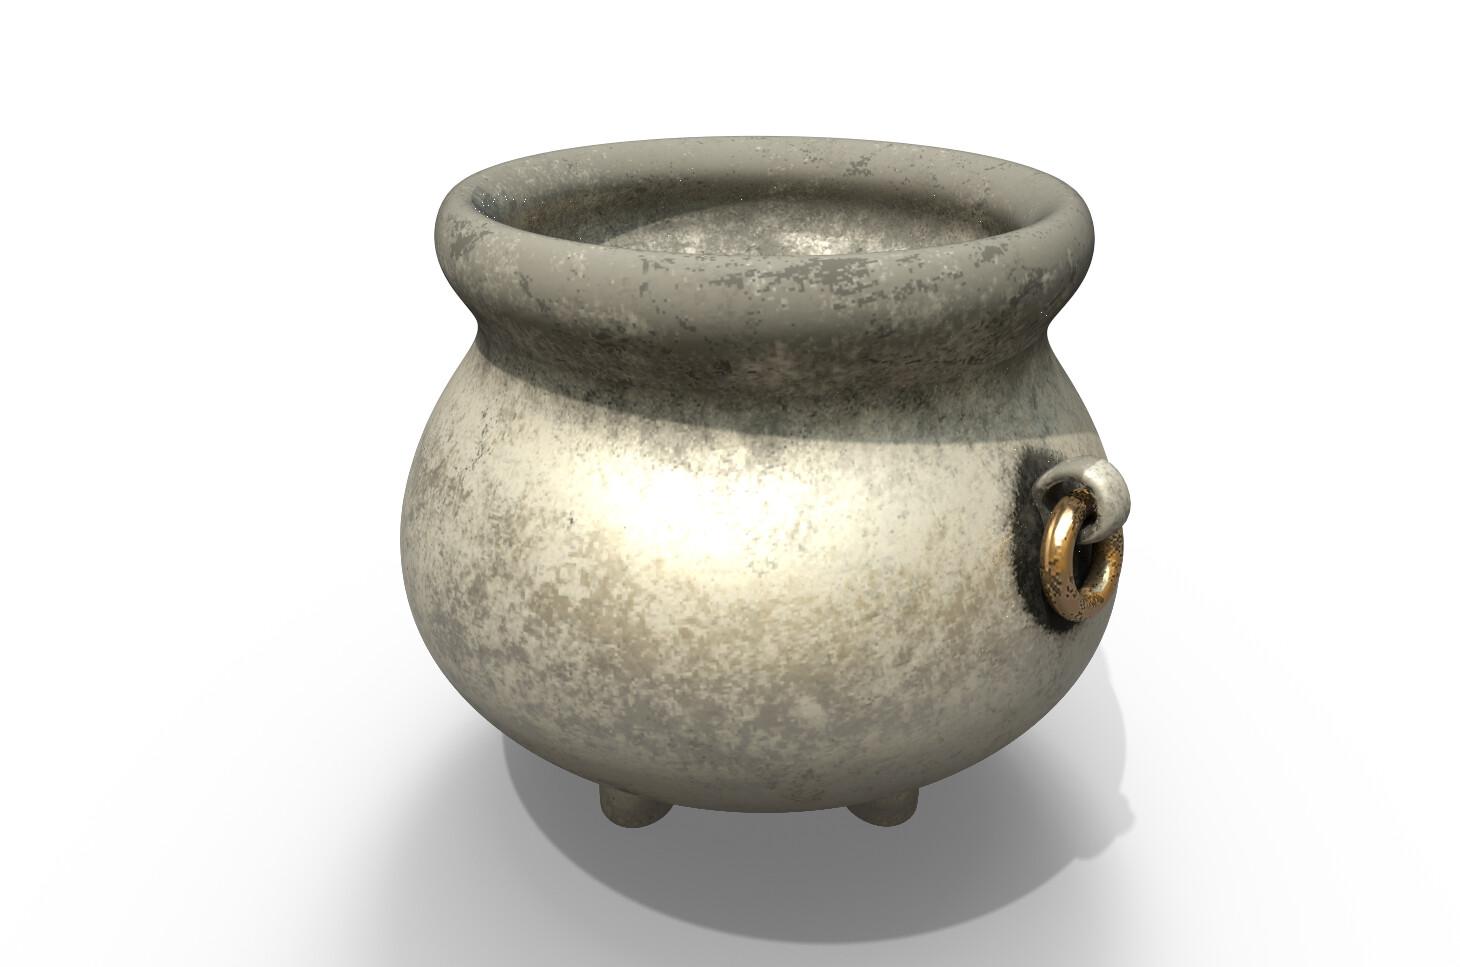 Joseph moniz cauldron001e